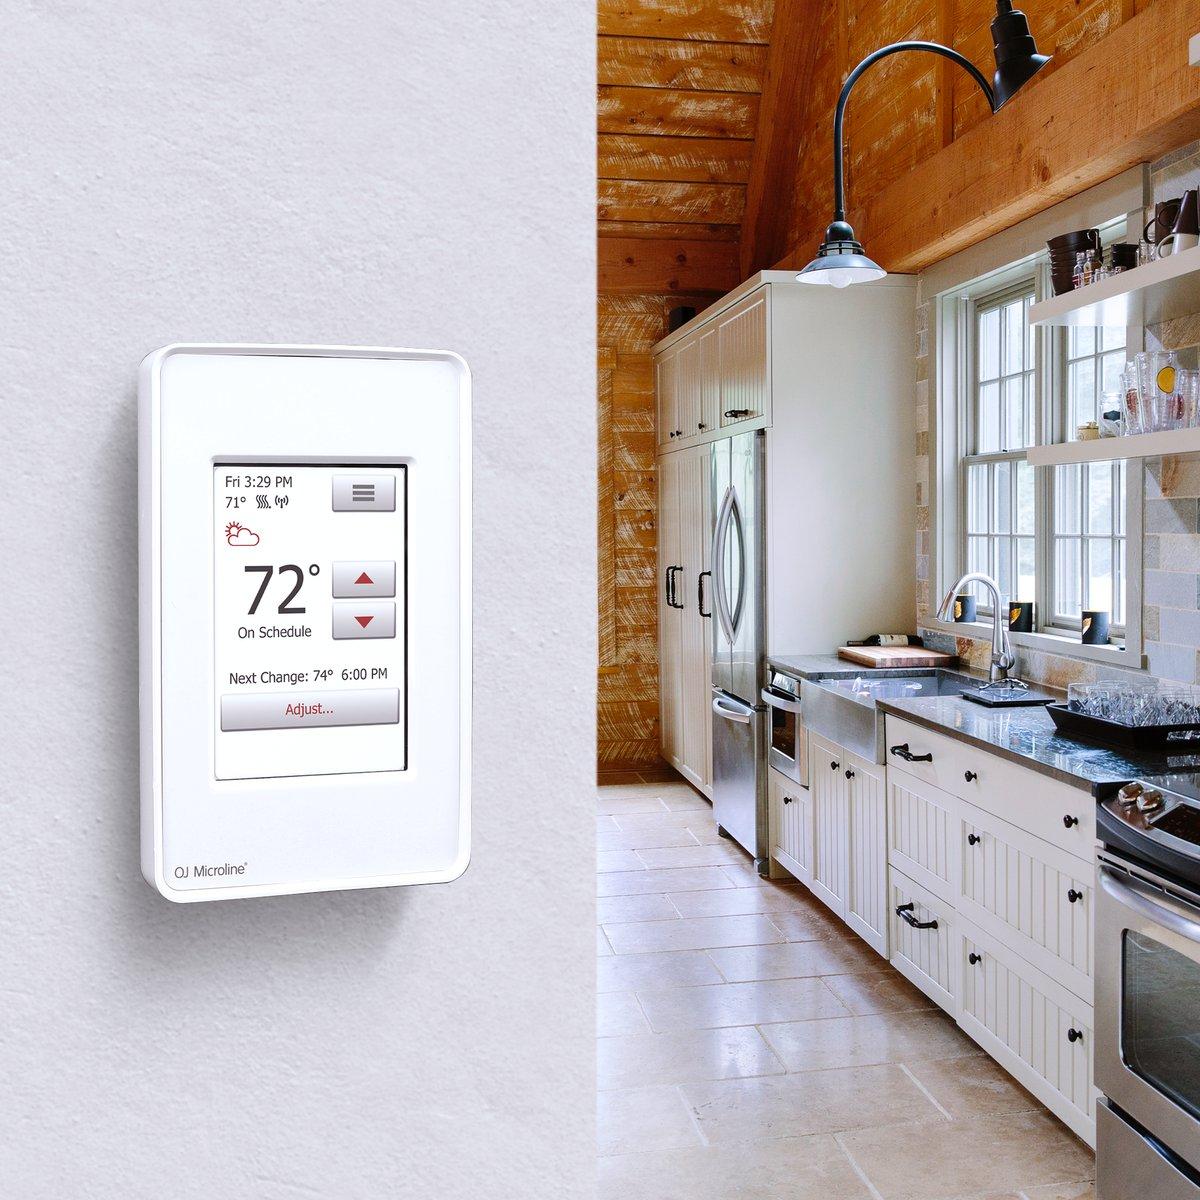 UWG4-4999 Thermostat Lifestyle-4